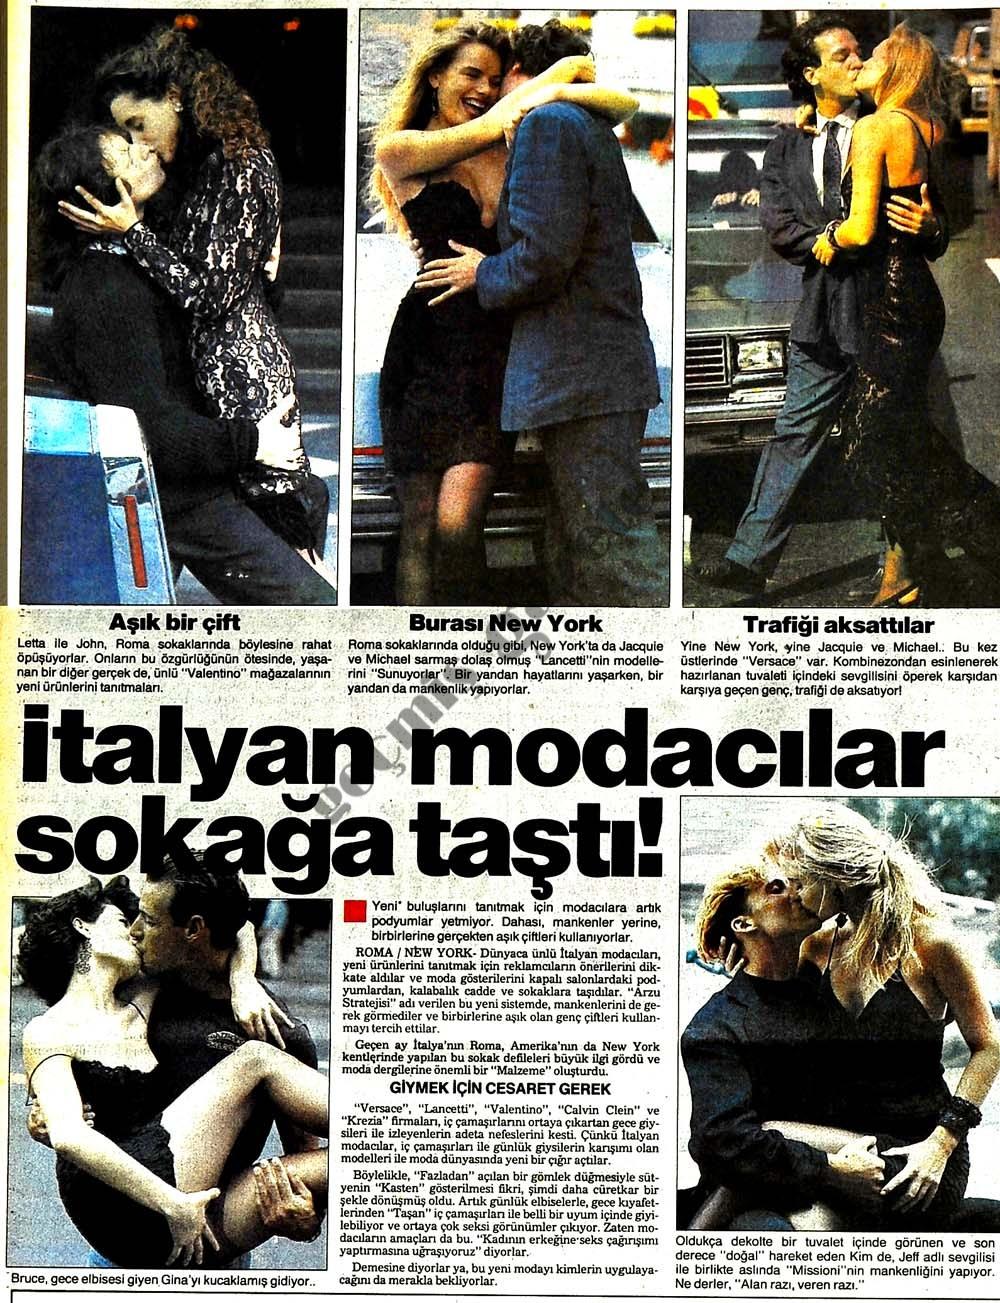 İtalyan modacılar sokağa taştı!